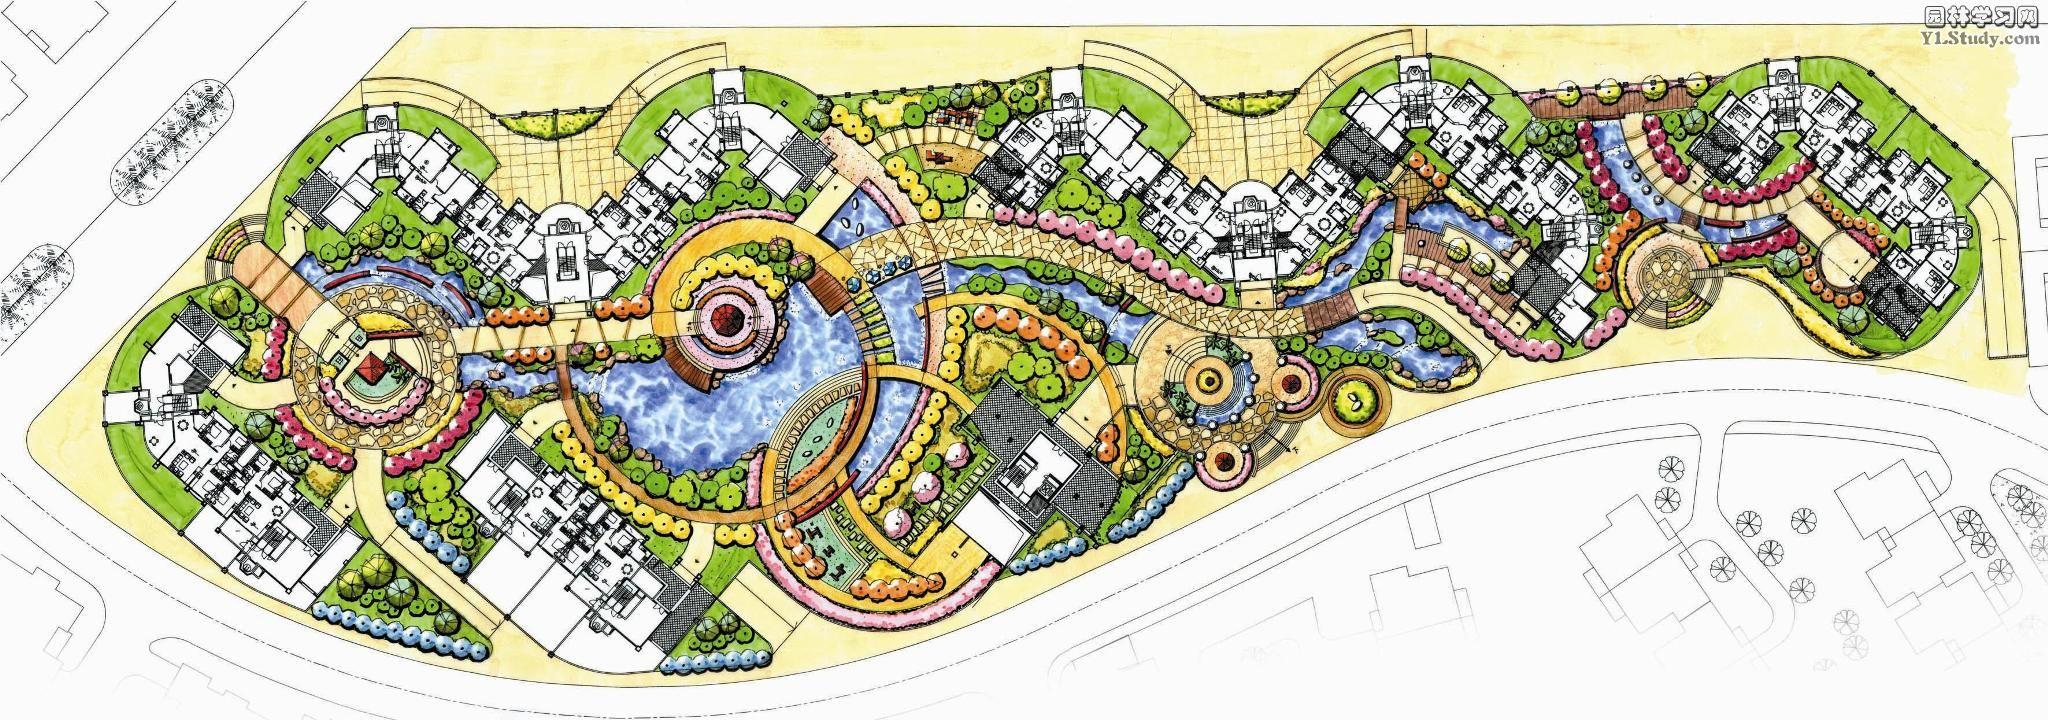 园林景观效果图  园林景观平面效果图(平面效果图)  奥林匹克花园